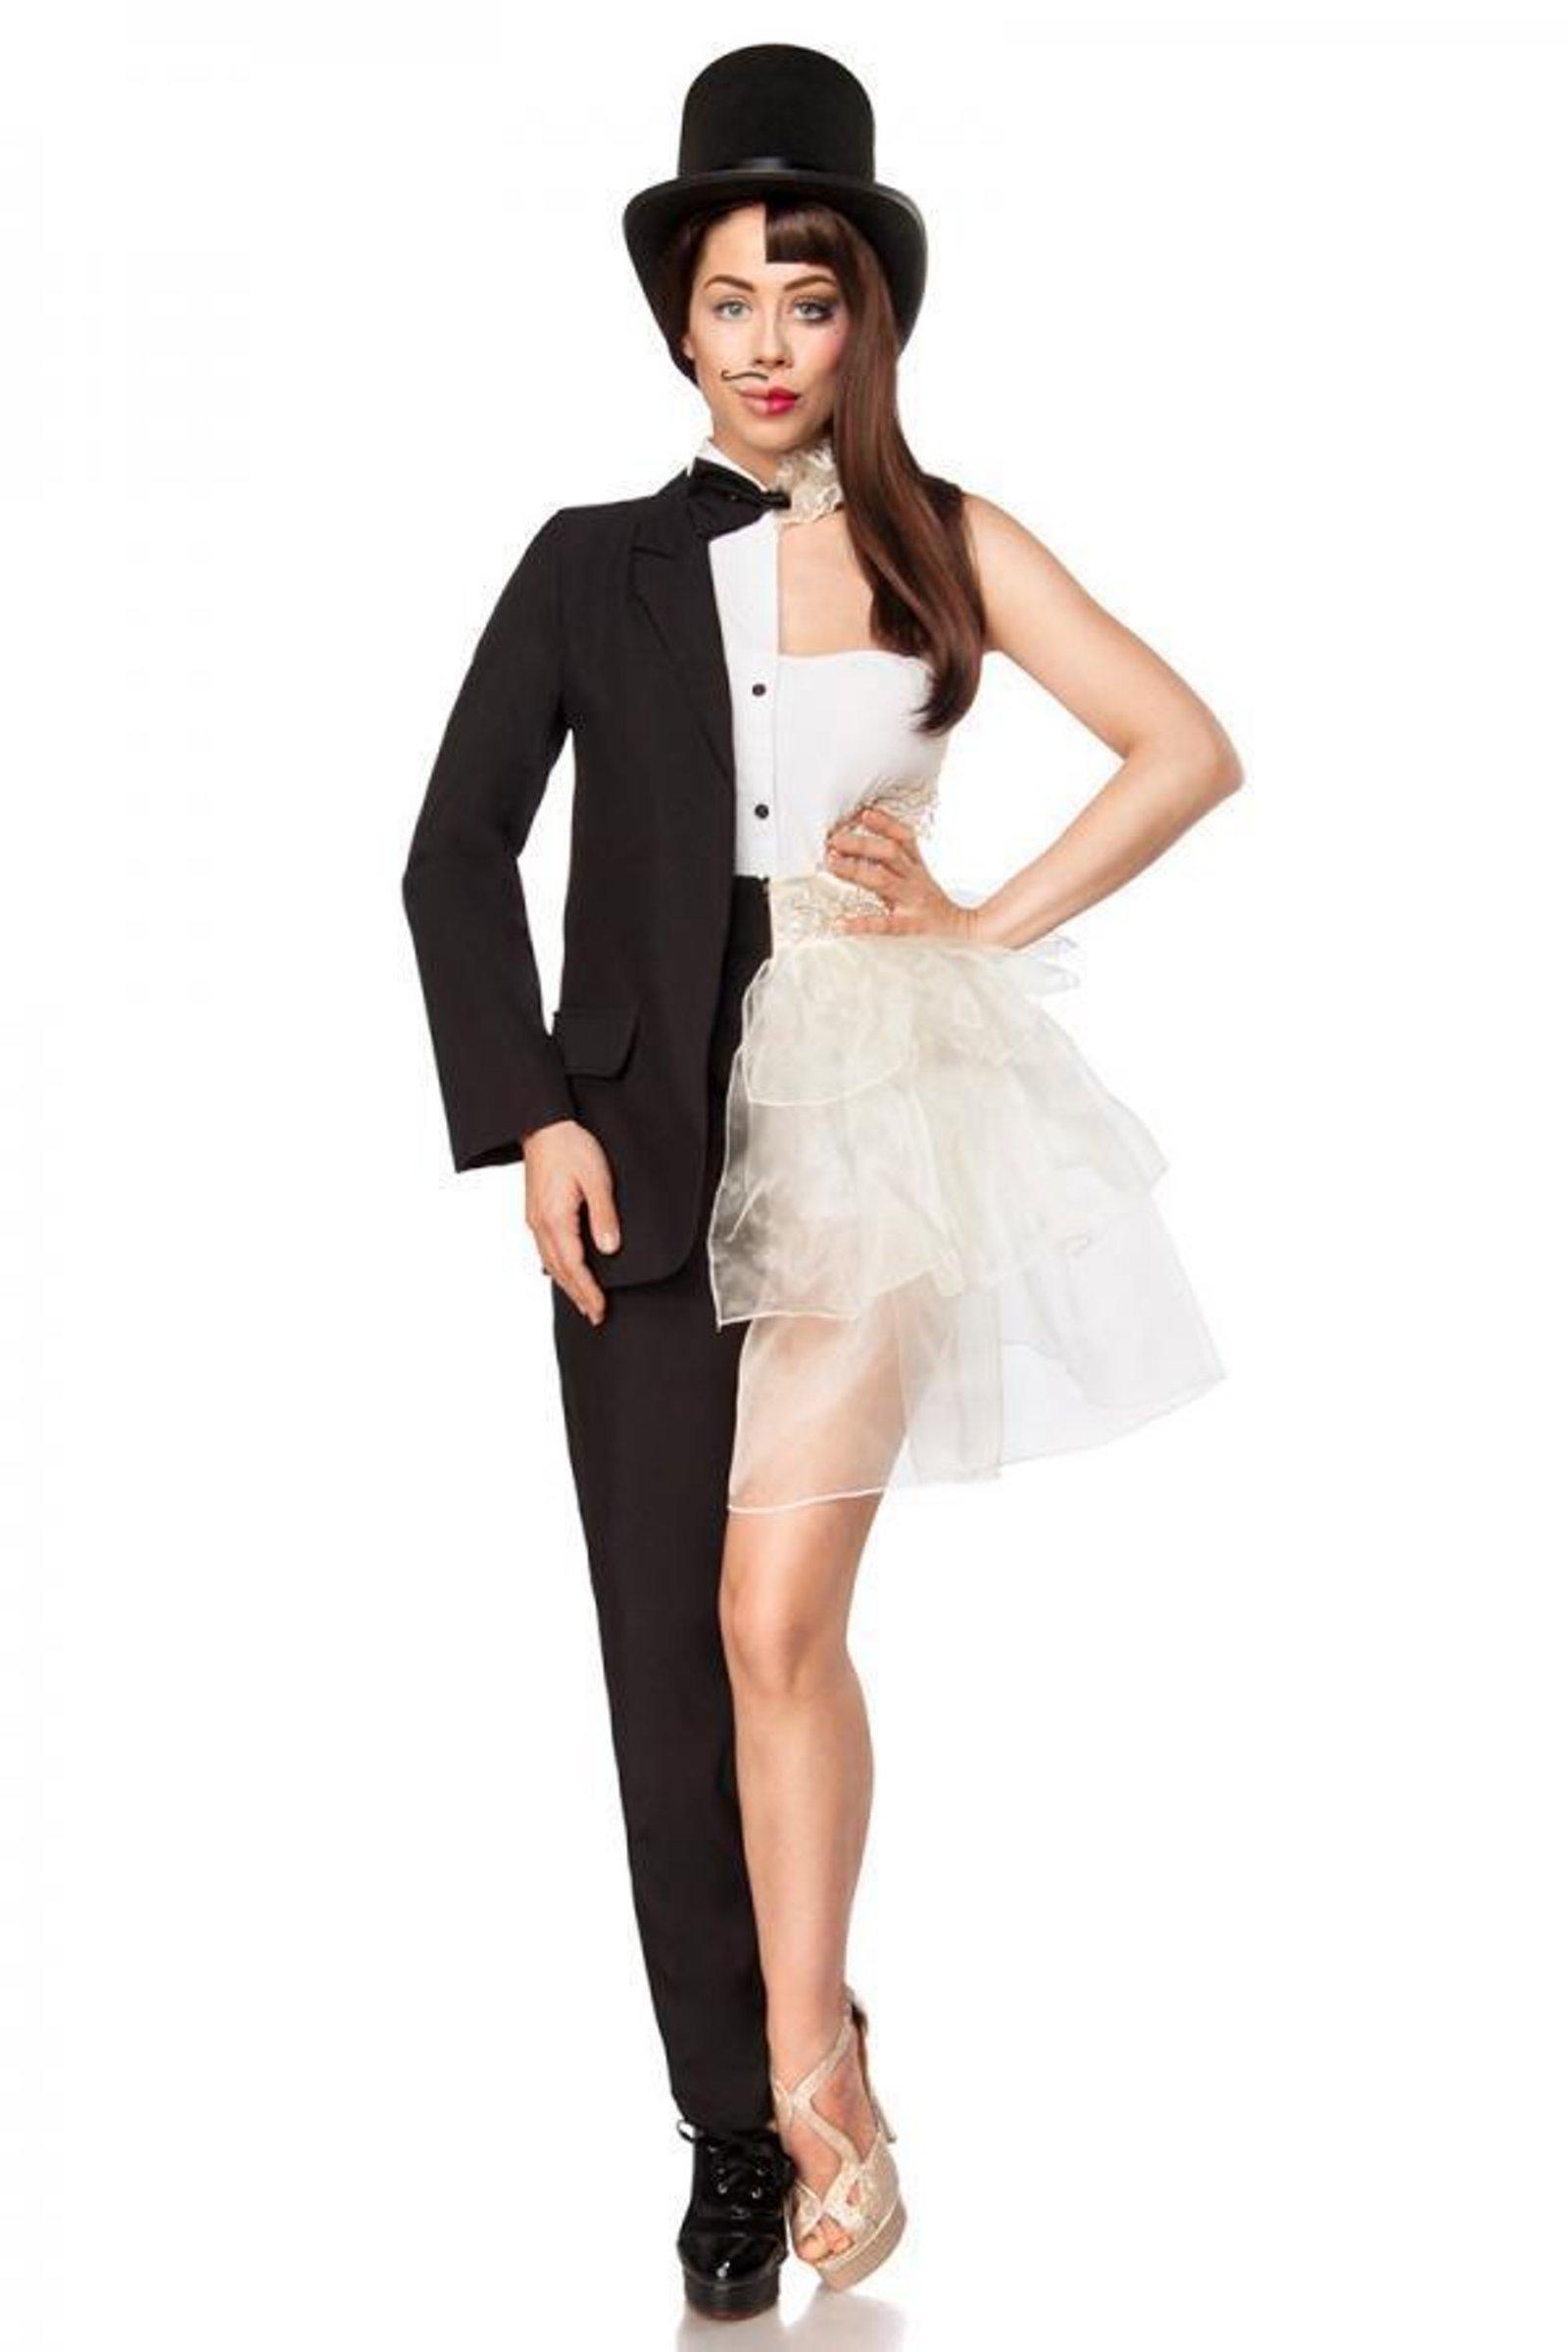 Faschingskostüme Frauen Genial Exklusives Mannfrau Kostüm Für Damen Fasching Schwarz